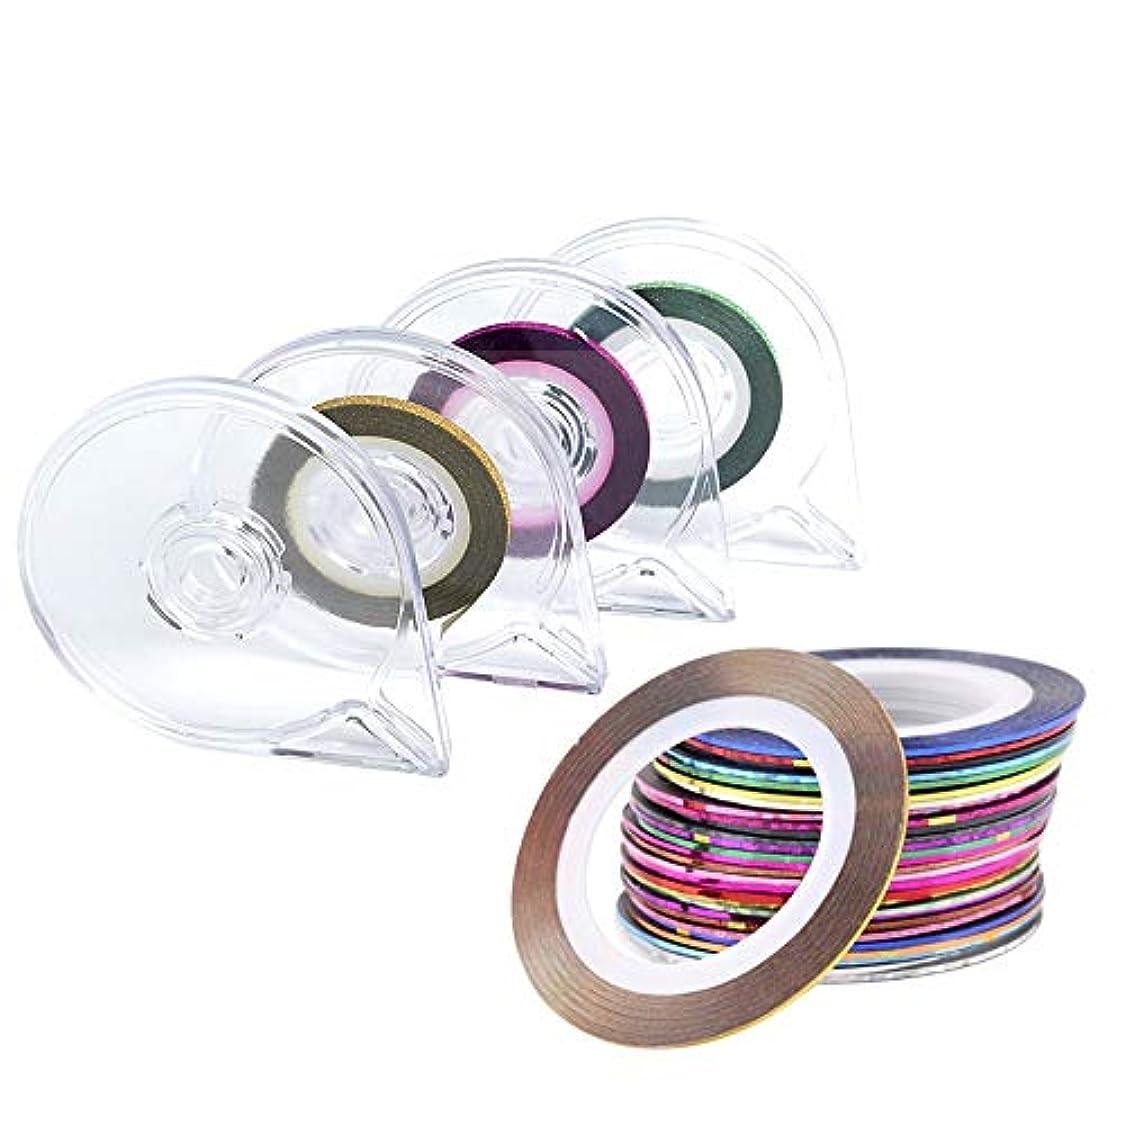 ゆりいくつかのフェローシップラインテープネイルアート用 ラインテープ シート ジェルネイル用 マニキュア セット ジェルネイル アート用ラインテープ 専用ケース付き 30ピース (Color : Mixed Colour)